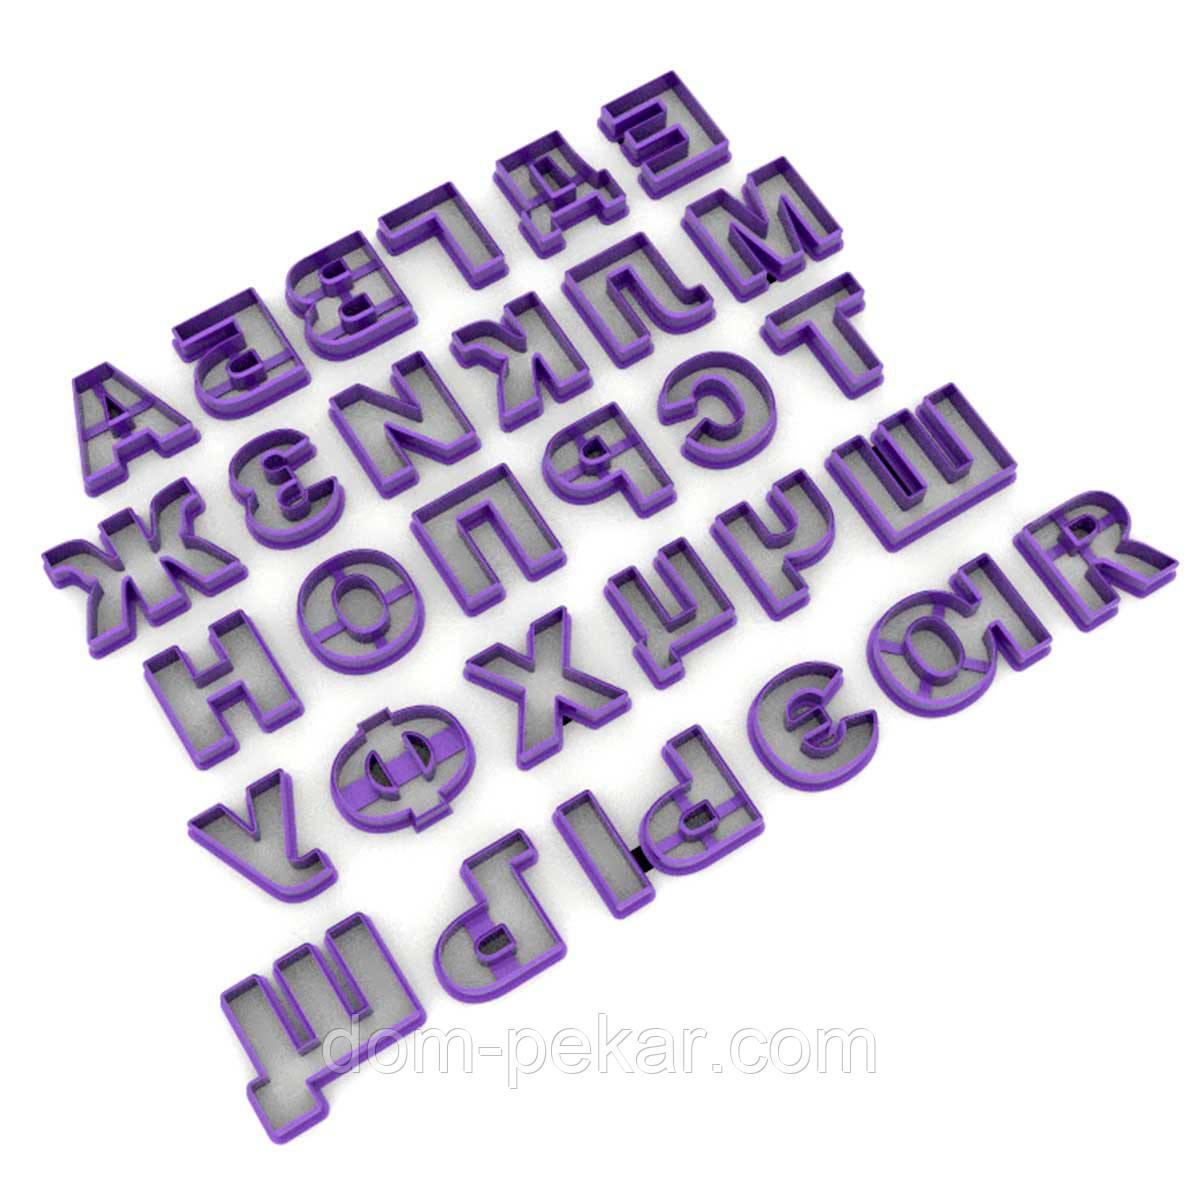 Вирубка для мастики Алфавіт російська 3,5 см (3D)